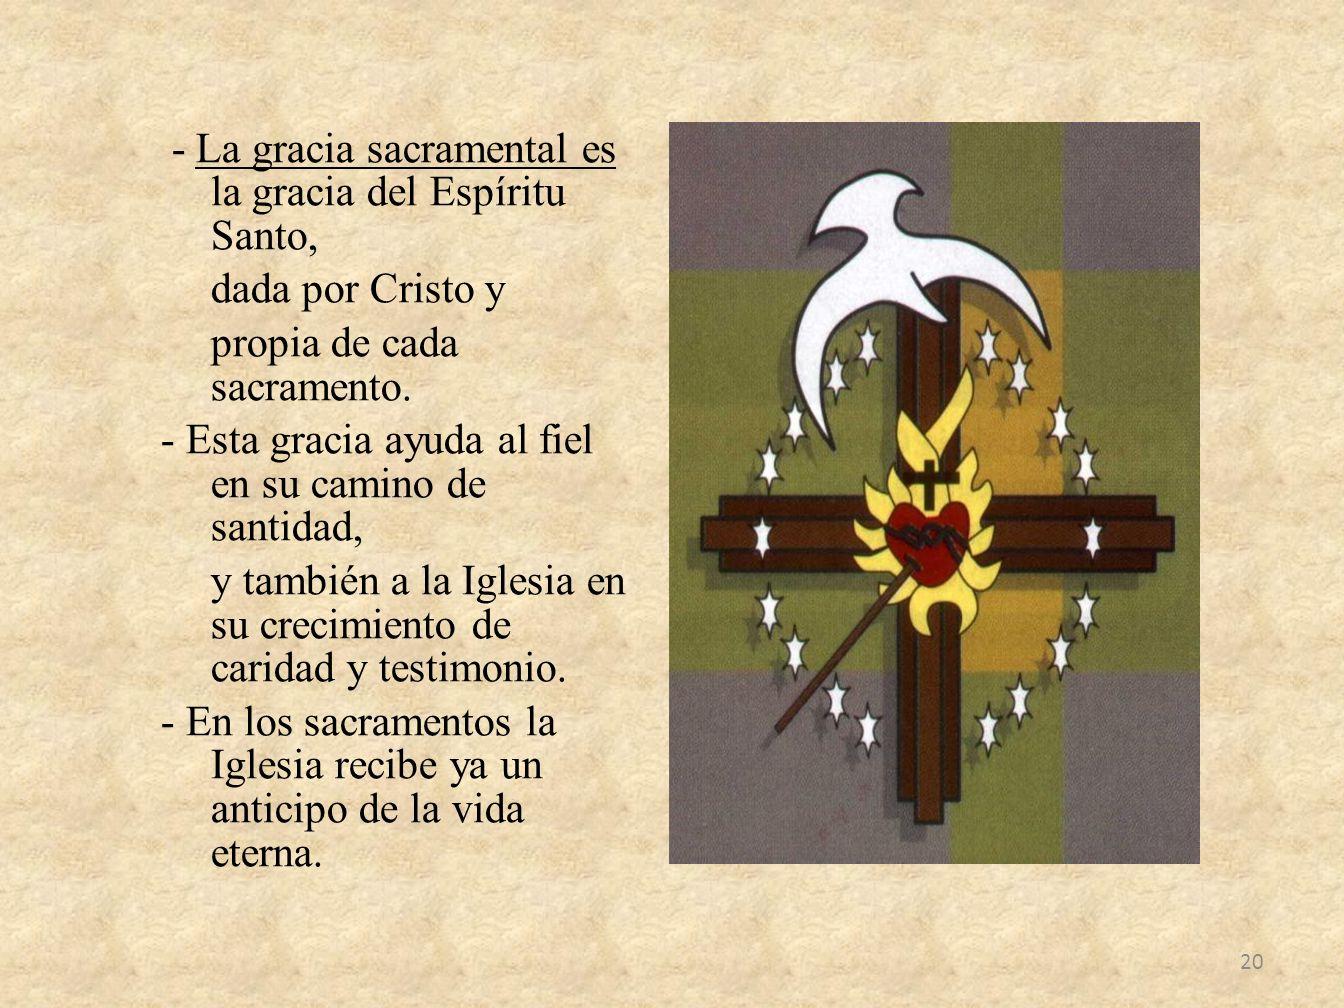 - La gracia sacramental es la gracia del Espíritu Santo, dada por Cristo y propia de cada sacramento. - Esta gracia ayuda al fiel en su camino de sant